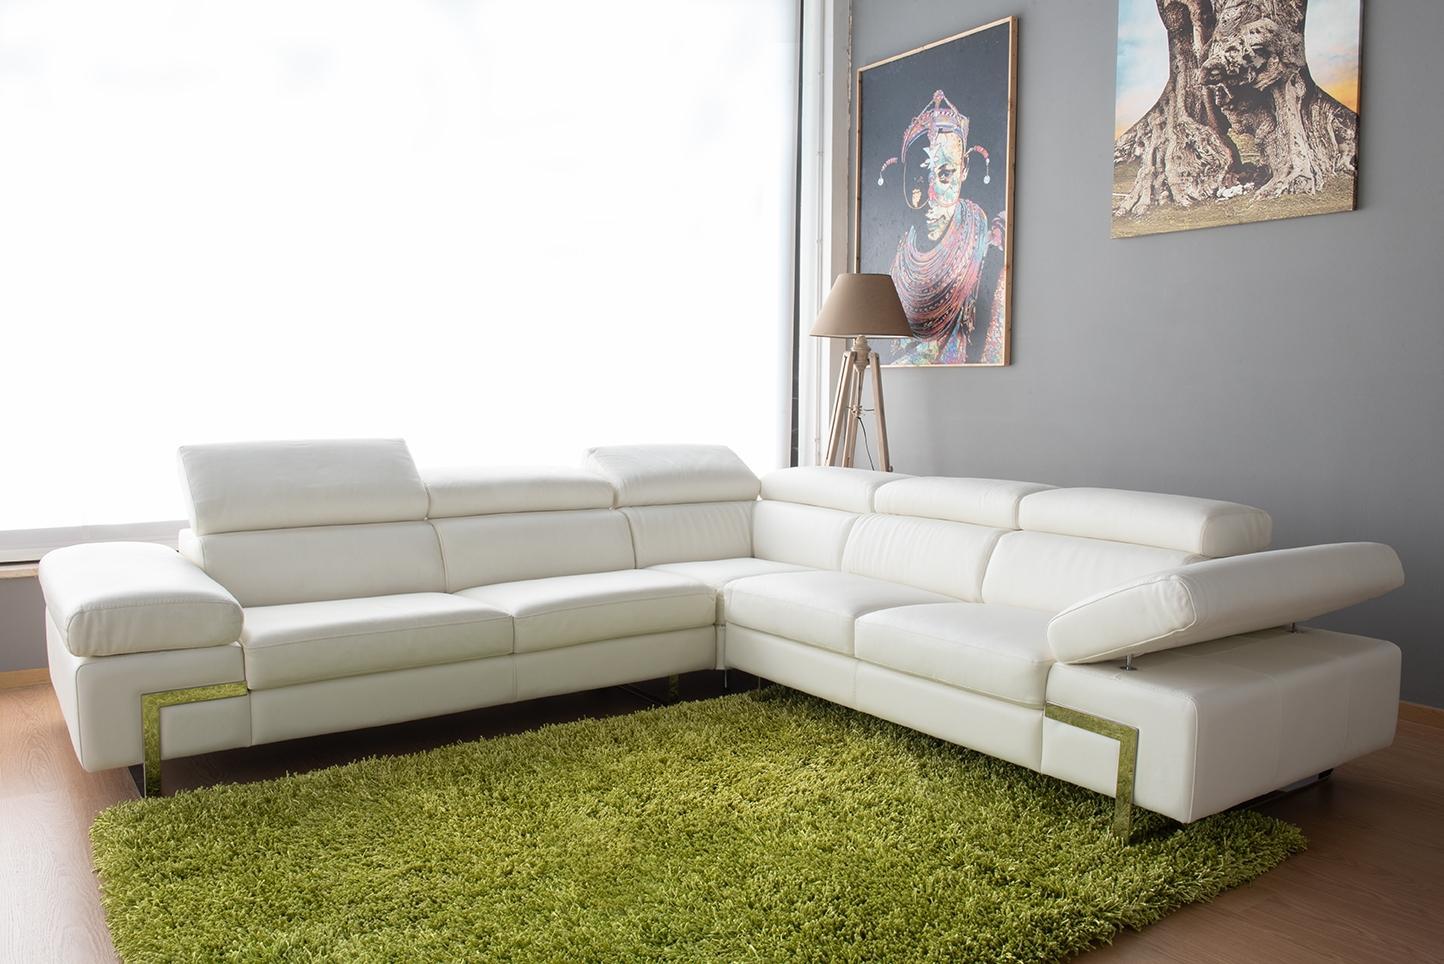 offerta divano angolare bianco 6 posti con poggiatesta